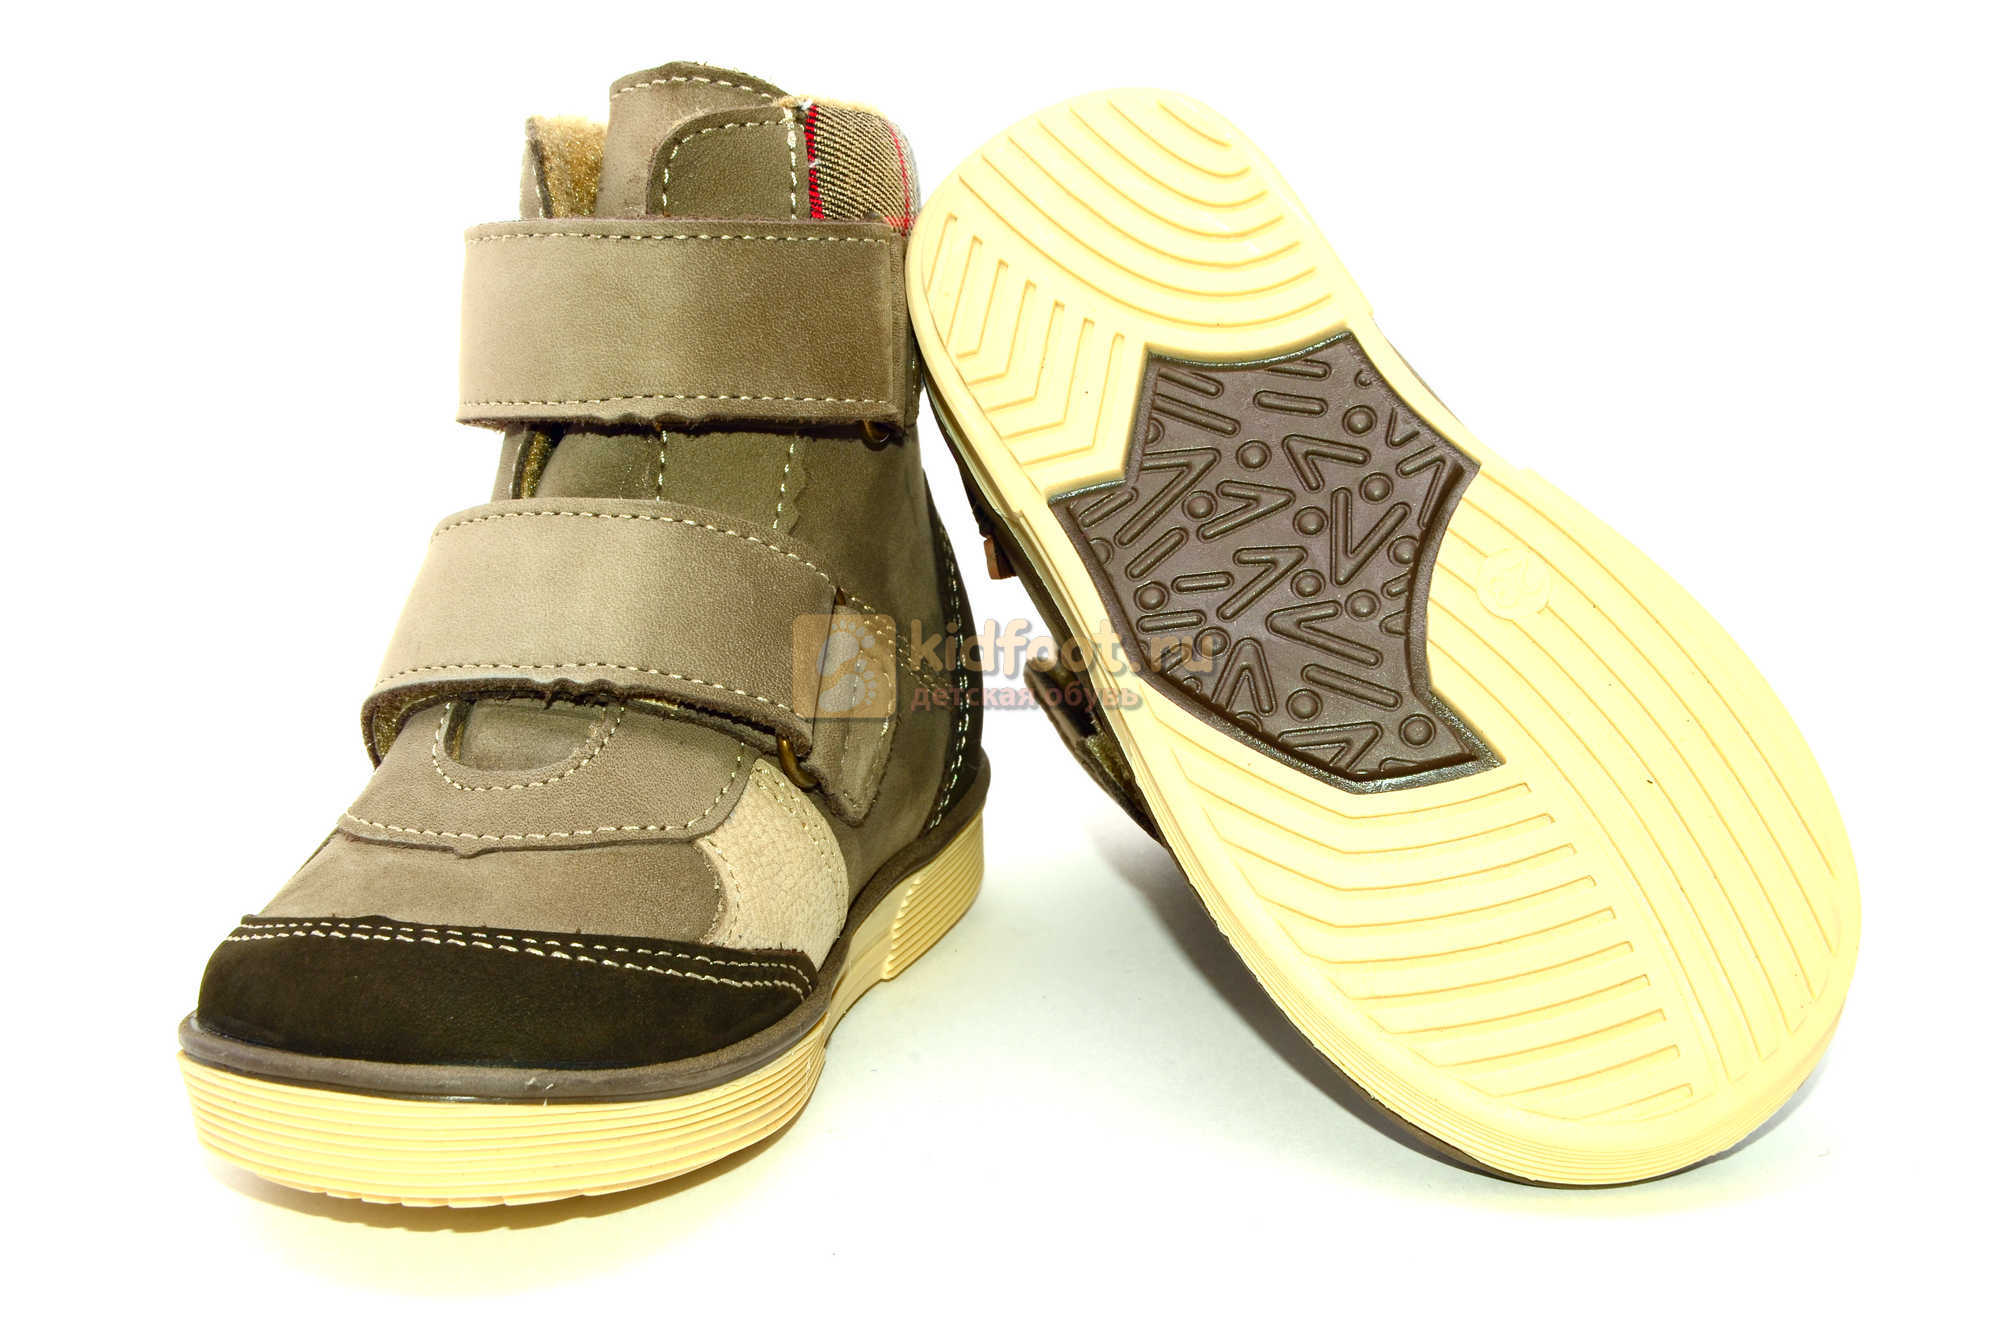 Ботинки для мальчиков Лель (LEL) на байке из натуральной кожи цвет коричневый